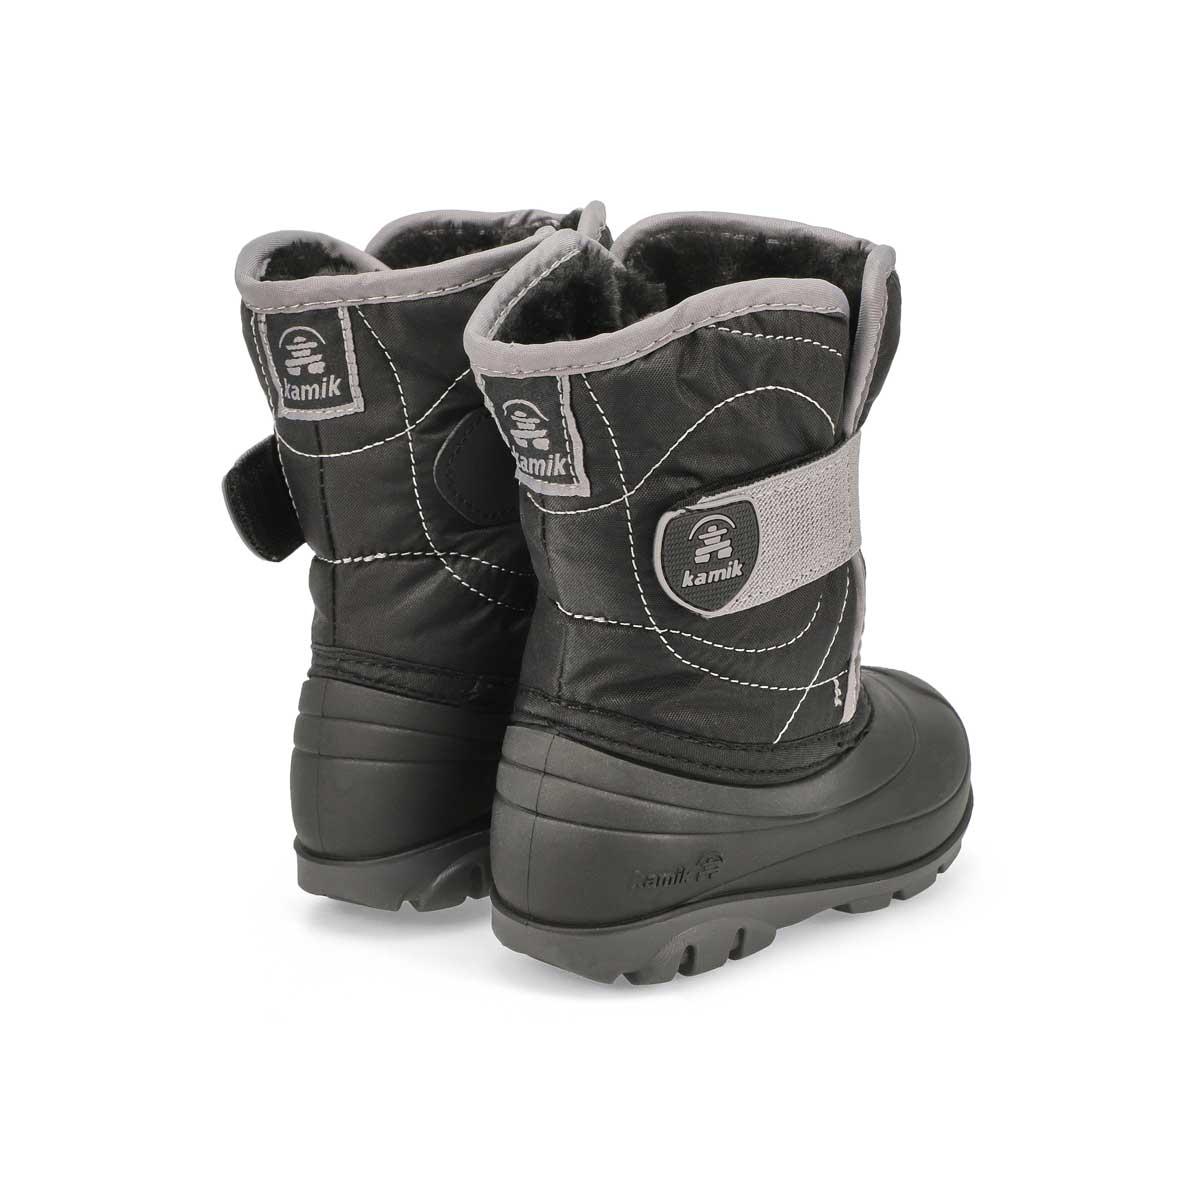 Infants' Snowbug 3 Waterproof Winter boot - Black